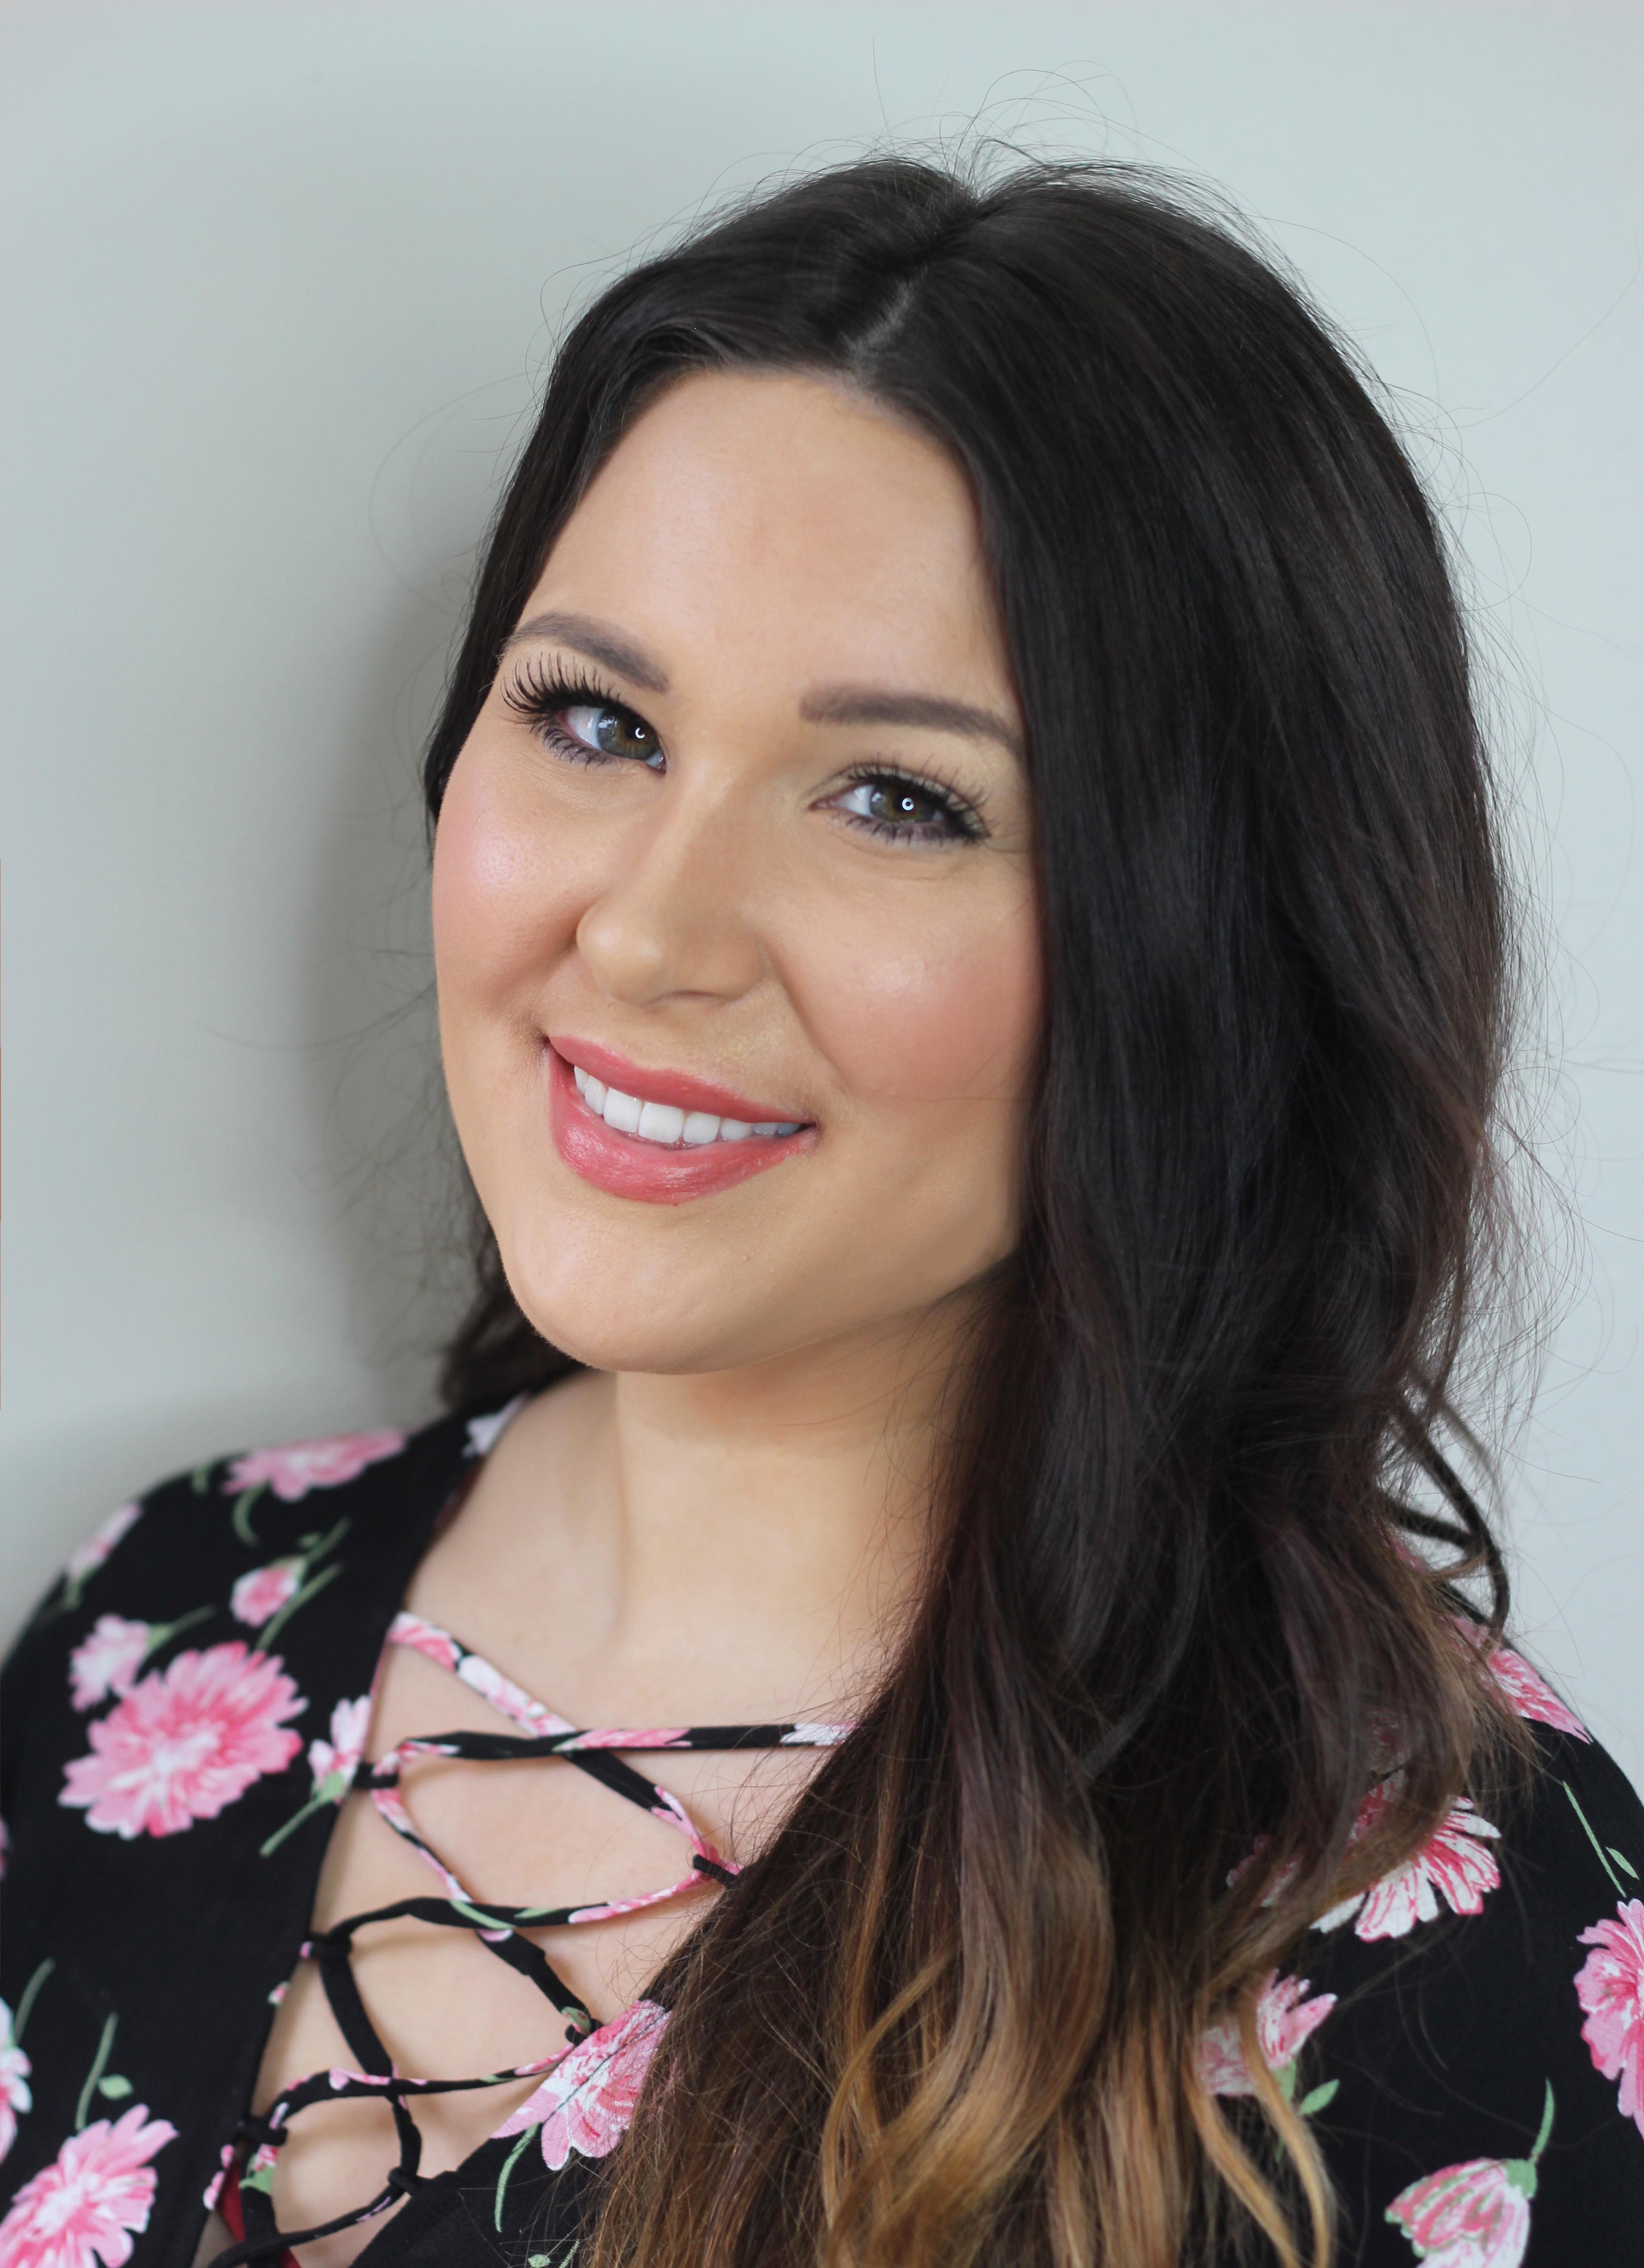 Mash Elle beauty blogger | fresh makeup | fresh-faced | natural makeup | dewy | clinique